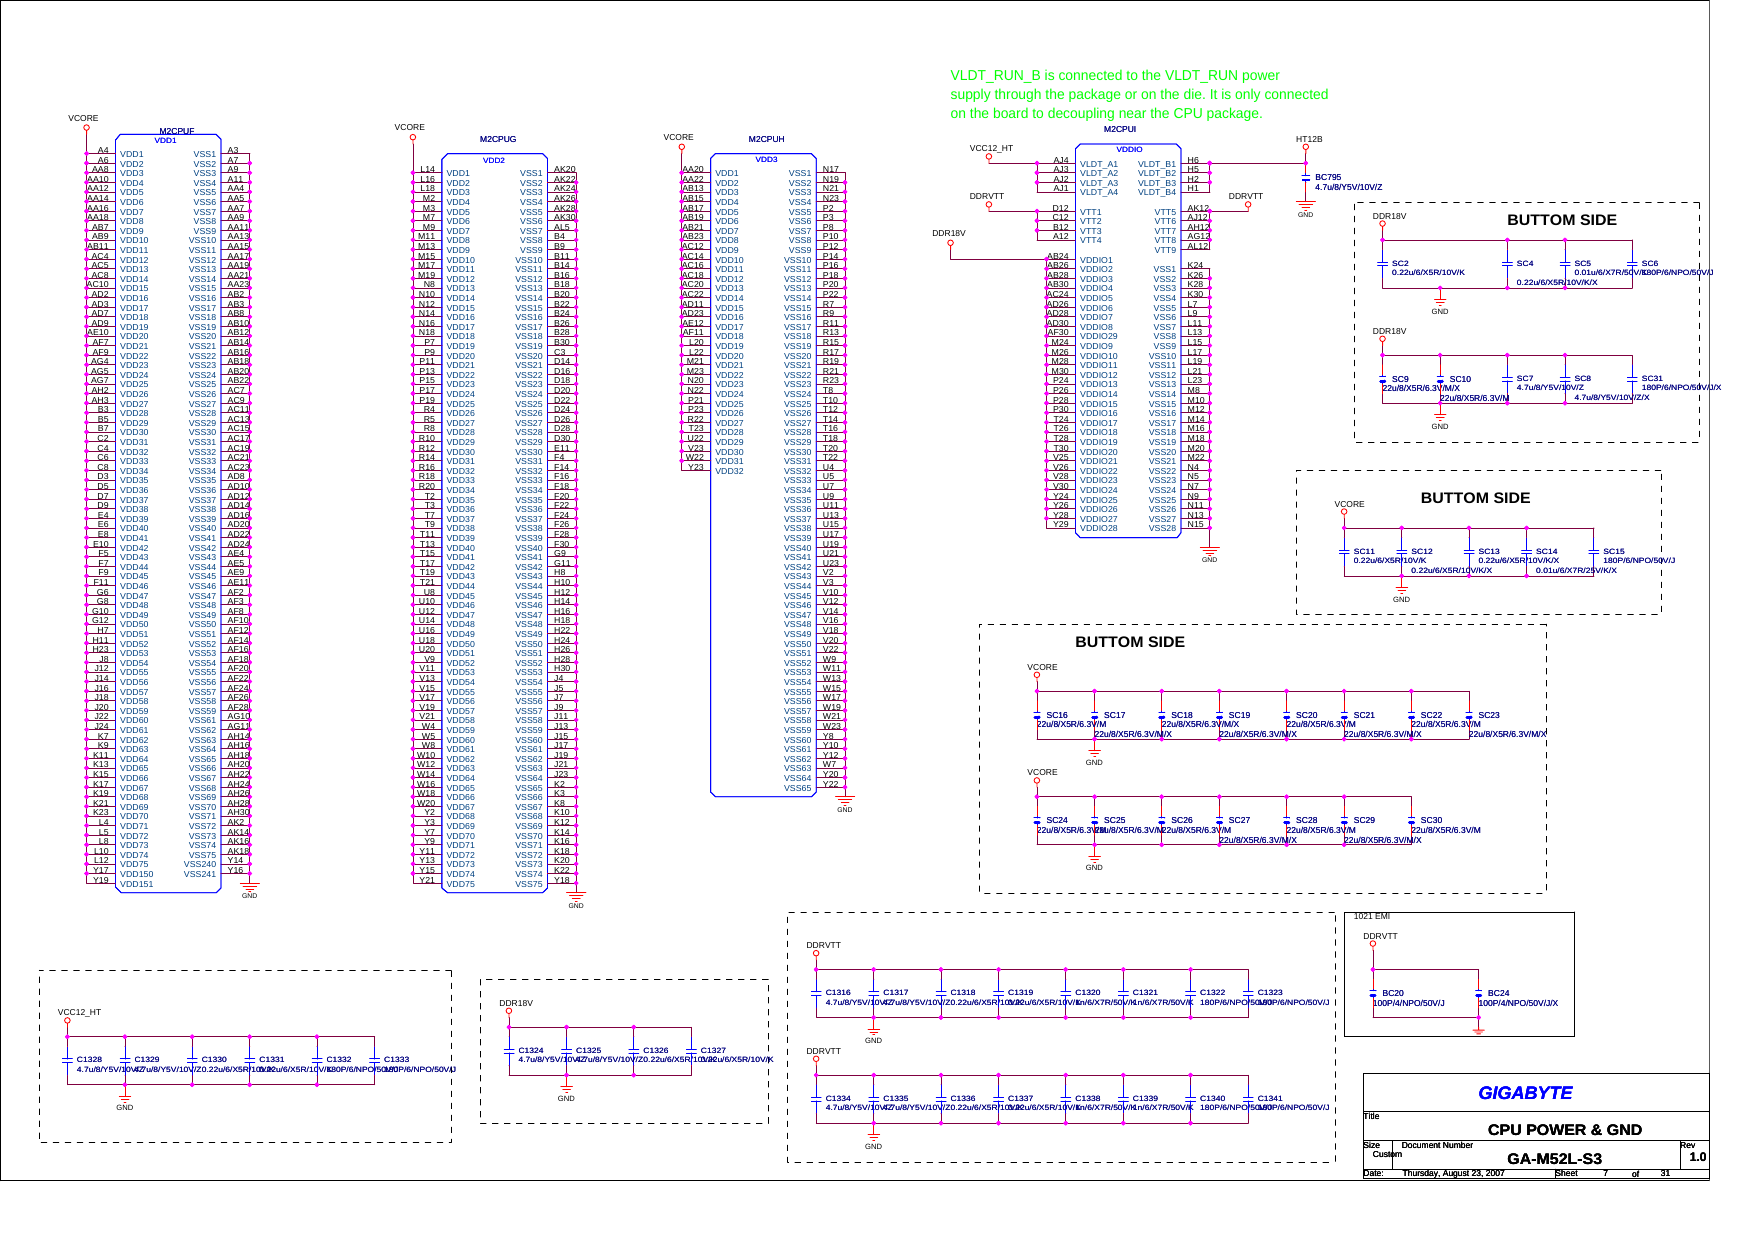 Gigabyte GA M52L S3 Schematics  Www s manuals com  R1 0 Schematics